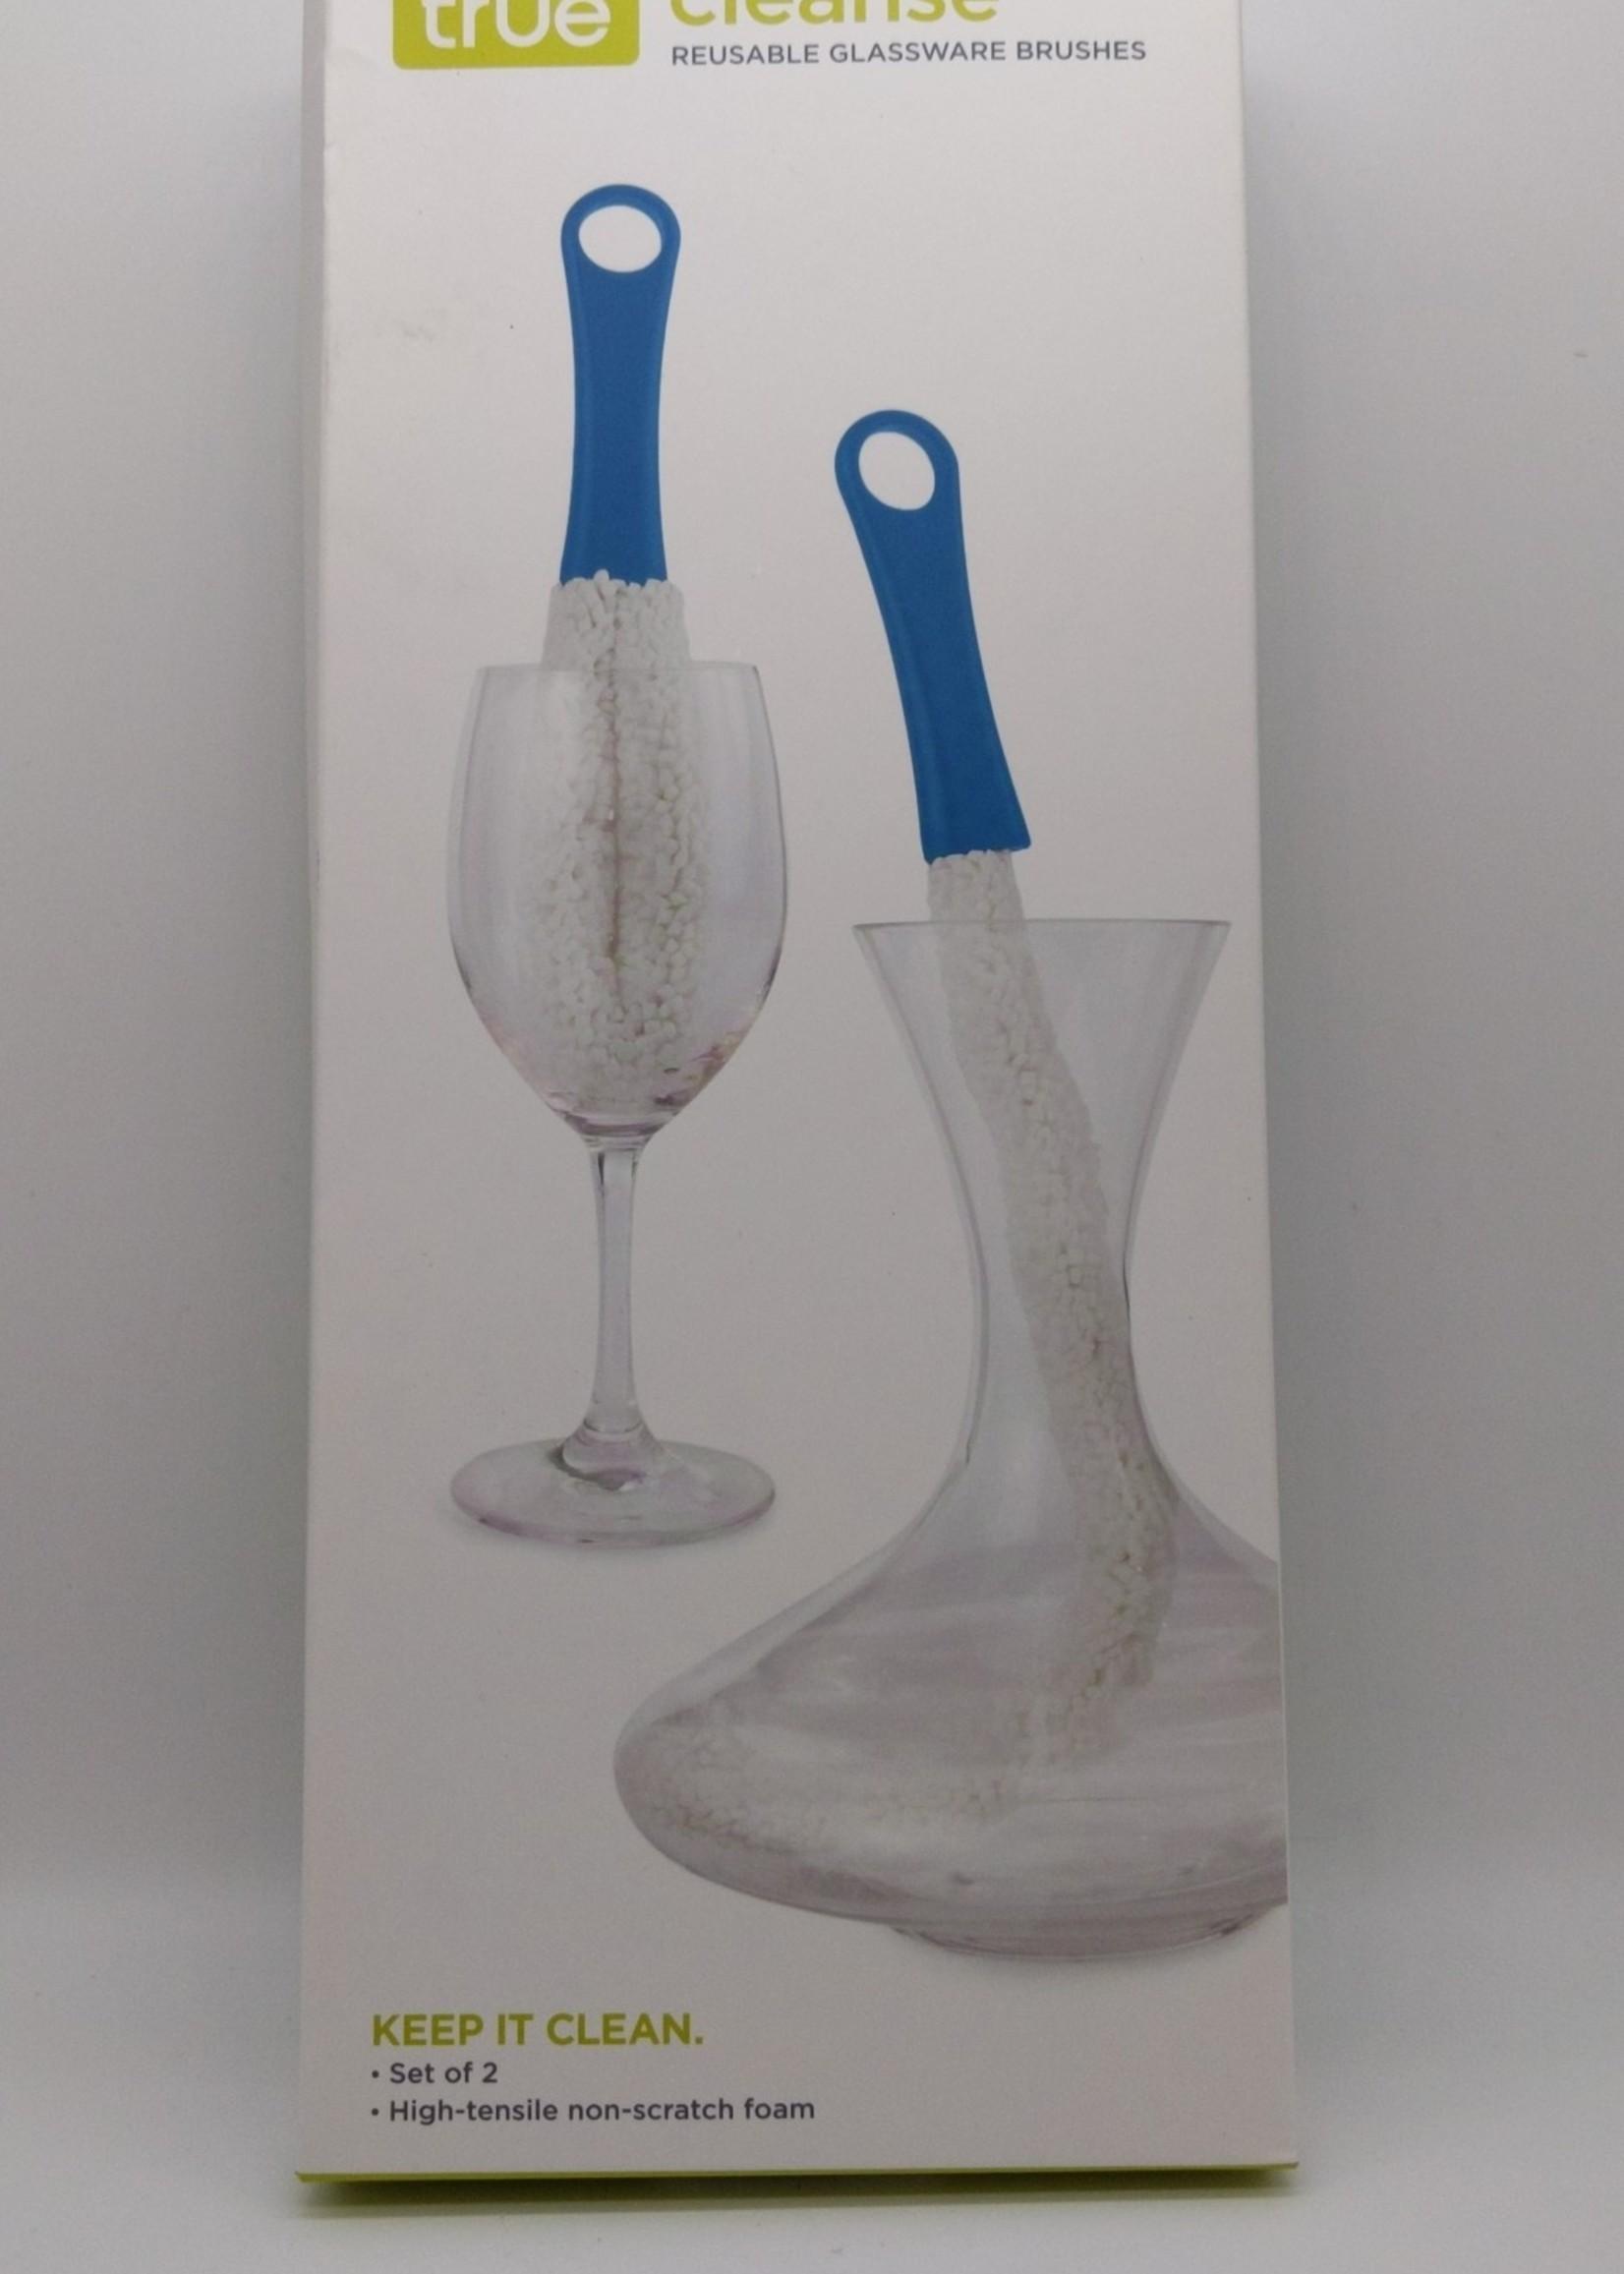 TRUE GLASSWARE BRUSHES